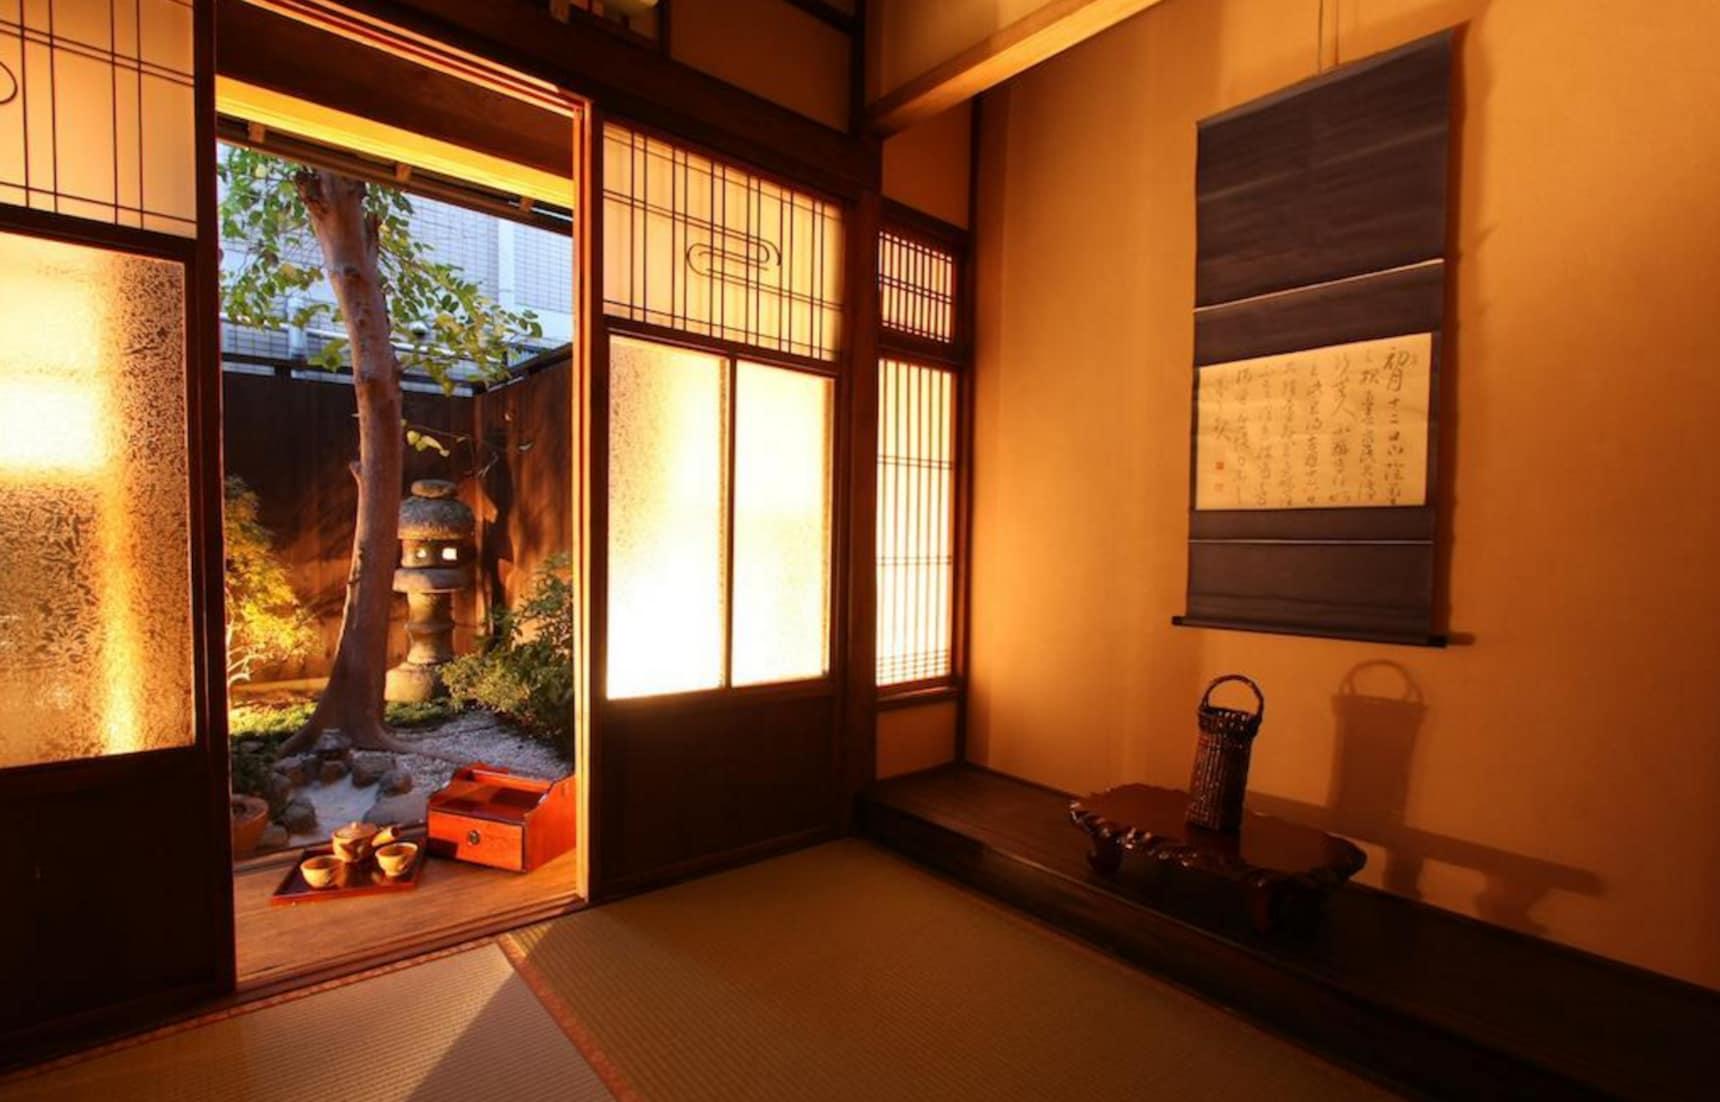 【京都住宿】對自由行的人而言到底該入住町屋還是選擇民宿呢?